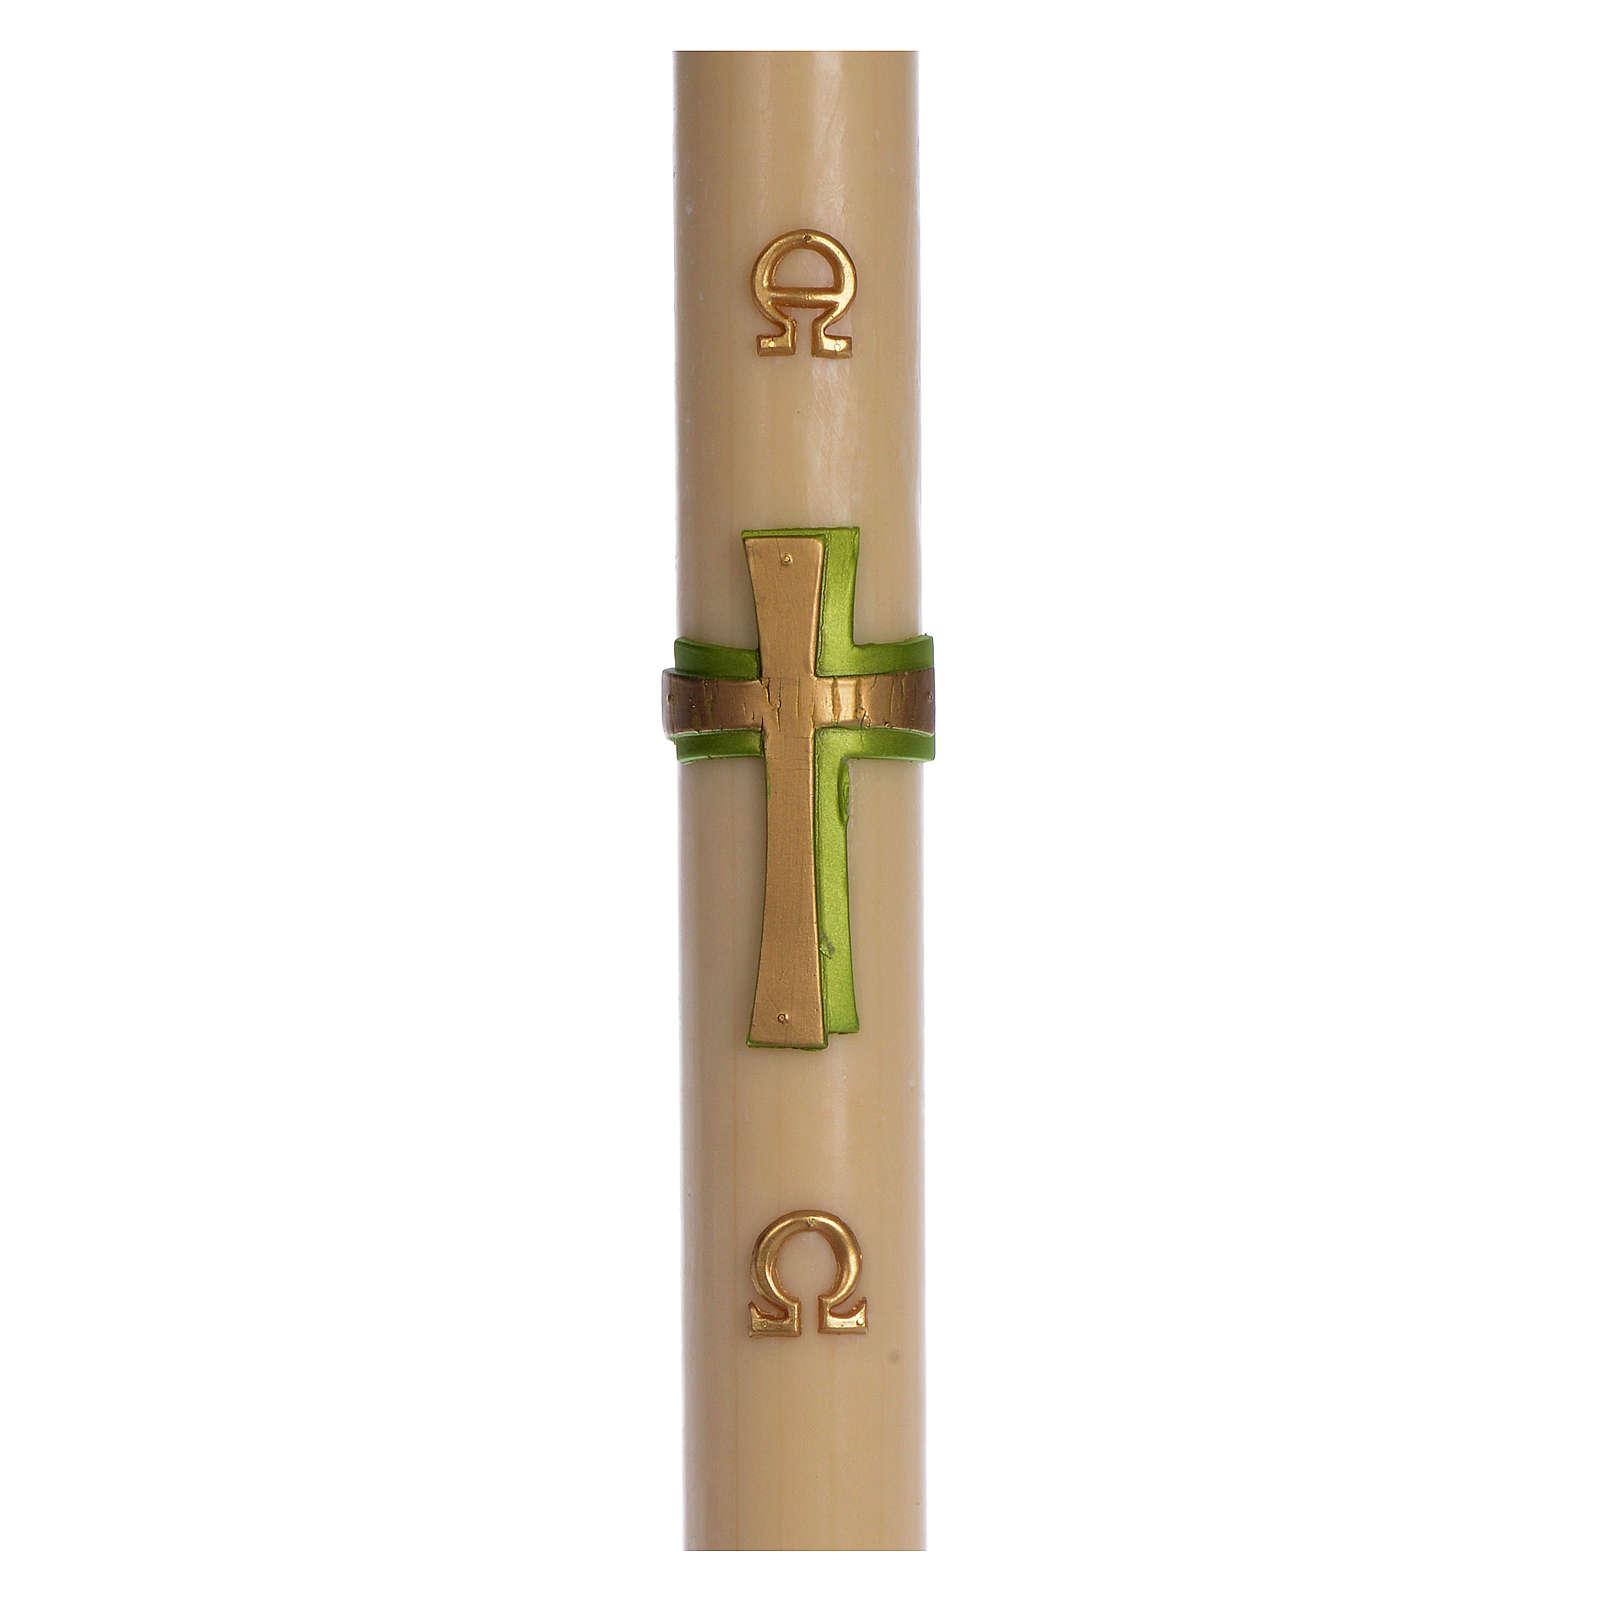 Paschał wosk pszczeli Krzyż relief zielony 8x120 cm 3